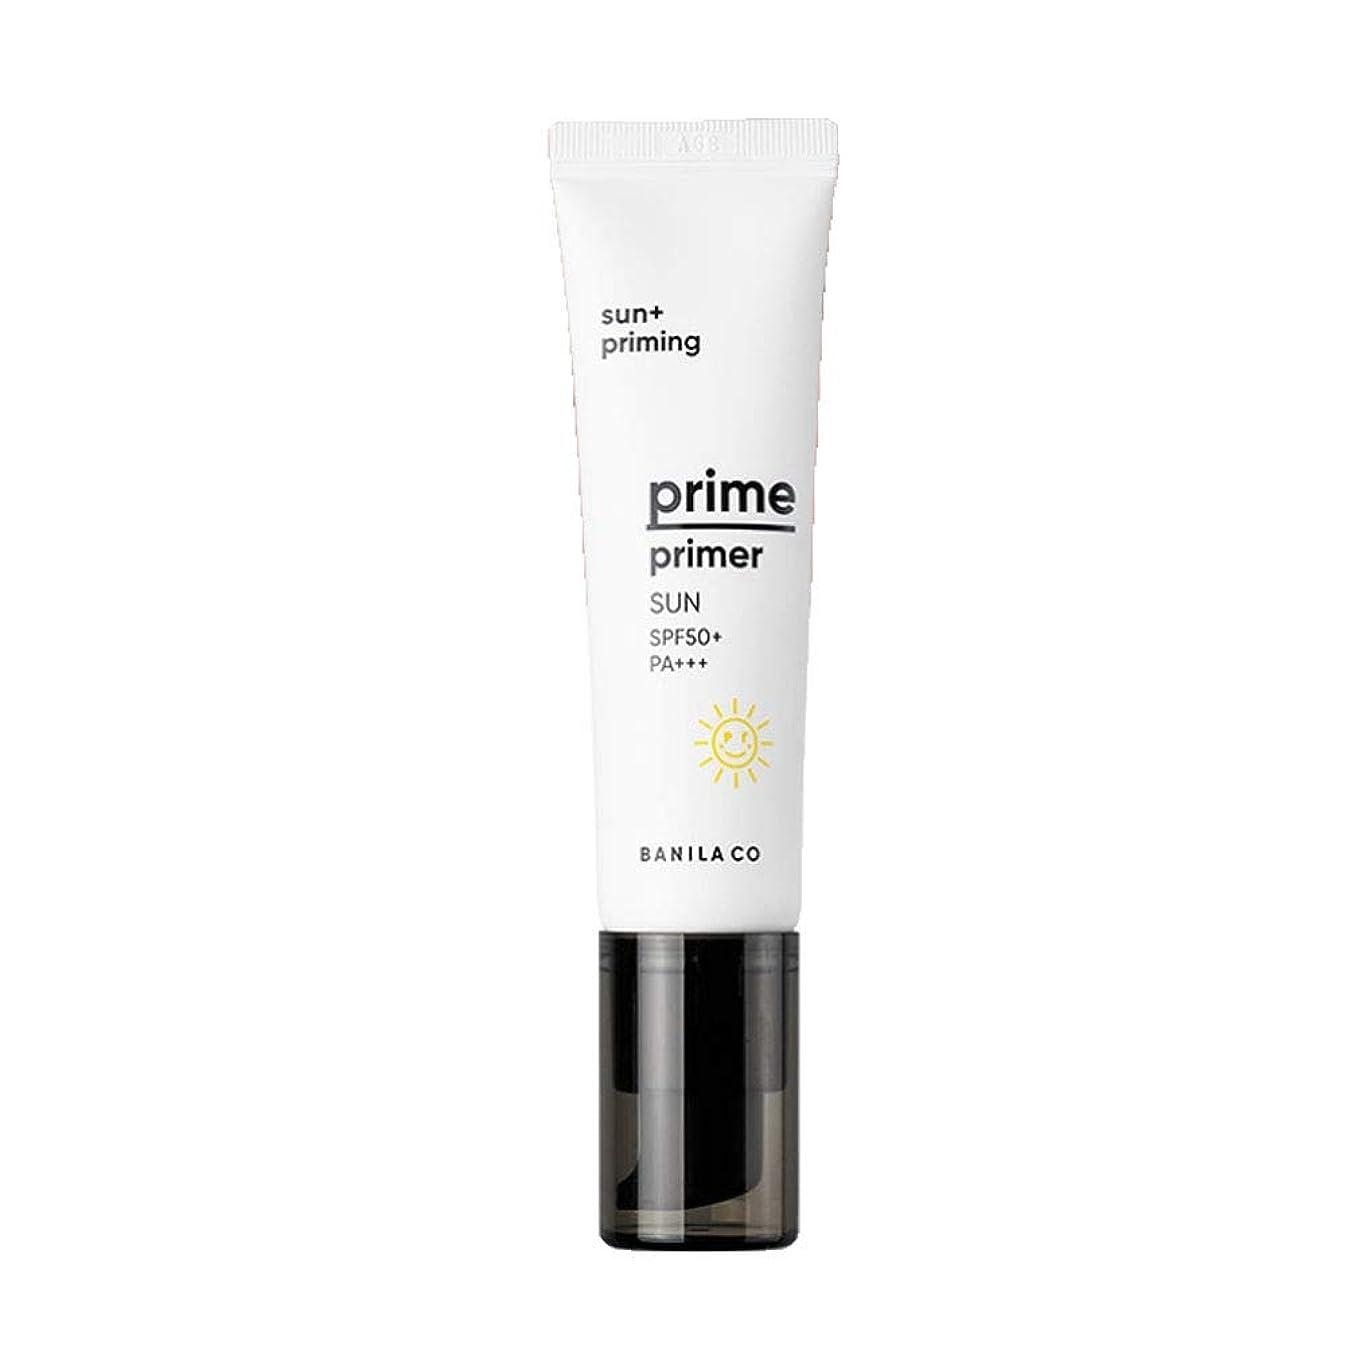 余計なから工夫するバニラコプライムプライマーサン30mlサンクリーム韓国コスメ、Banila Co Prime Primer Sun 30ml Sun Cream Korean Cosmetics [並行輸入品]